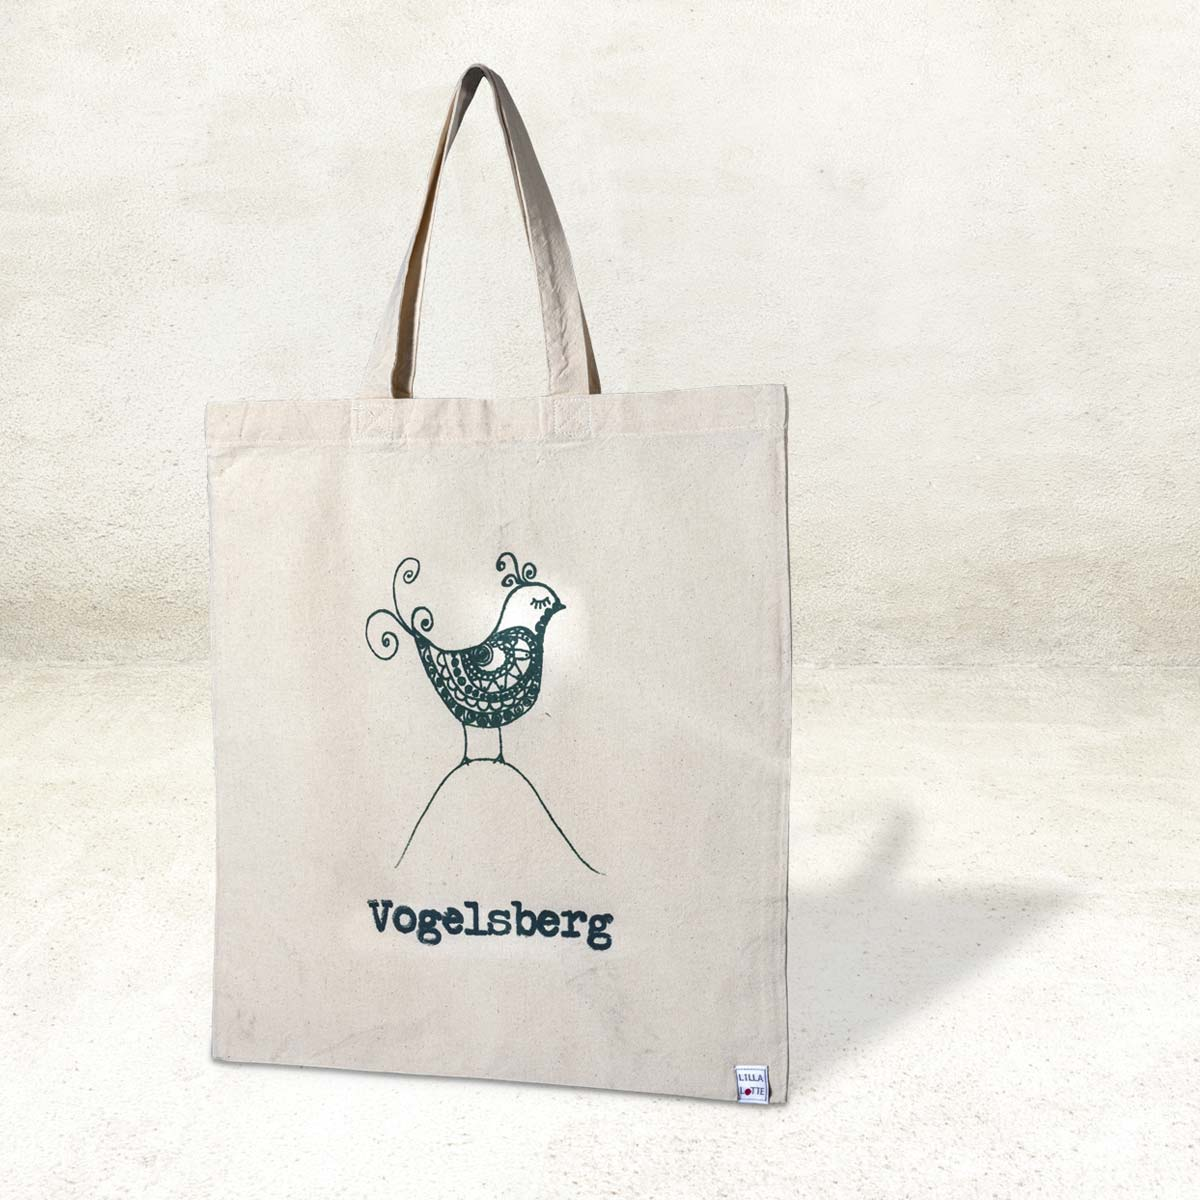 Vogelsberger Einkaufstasche